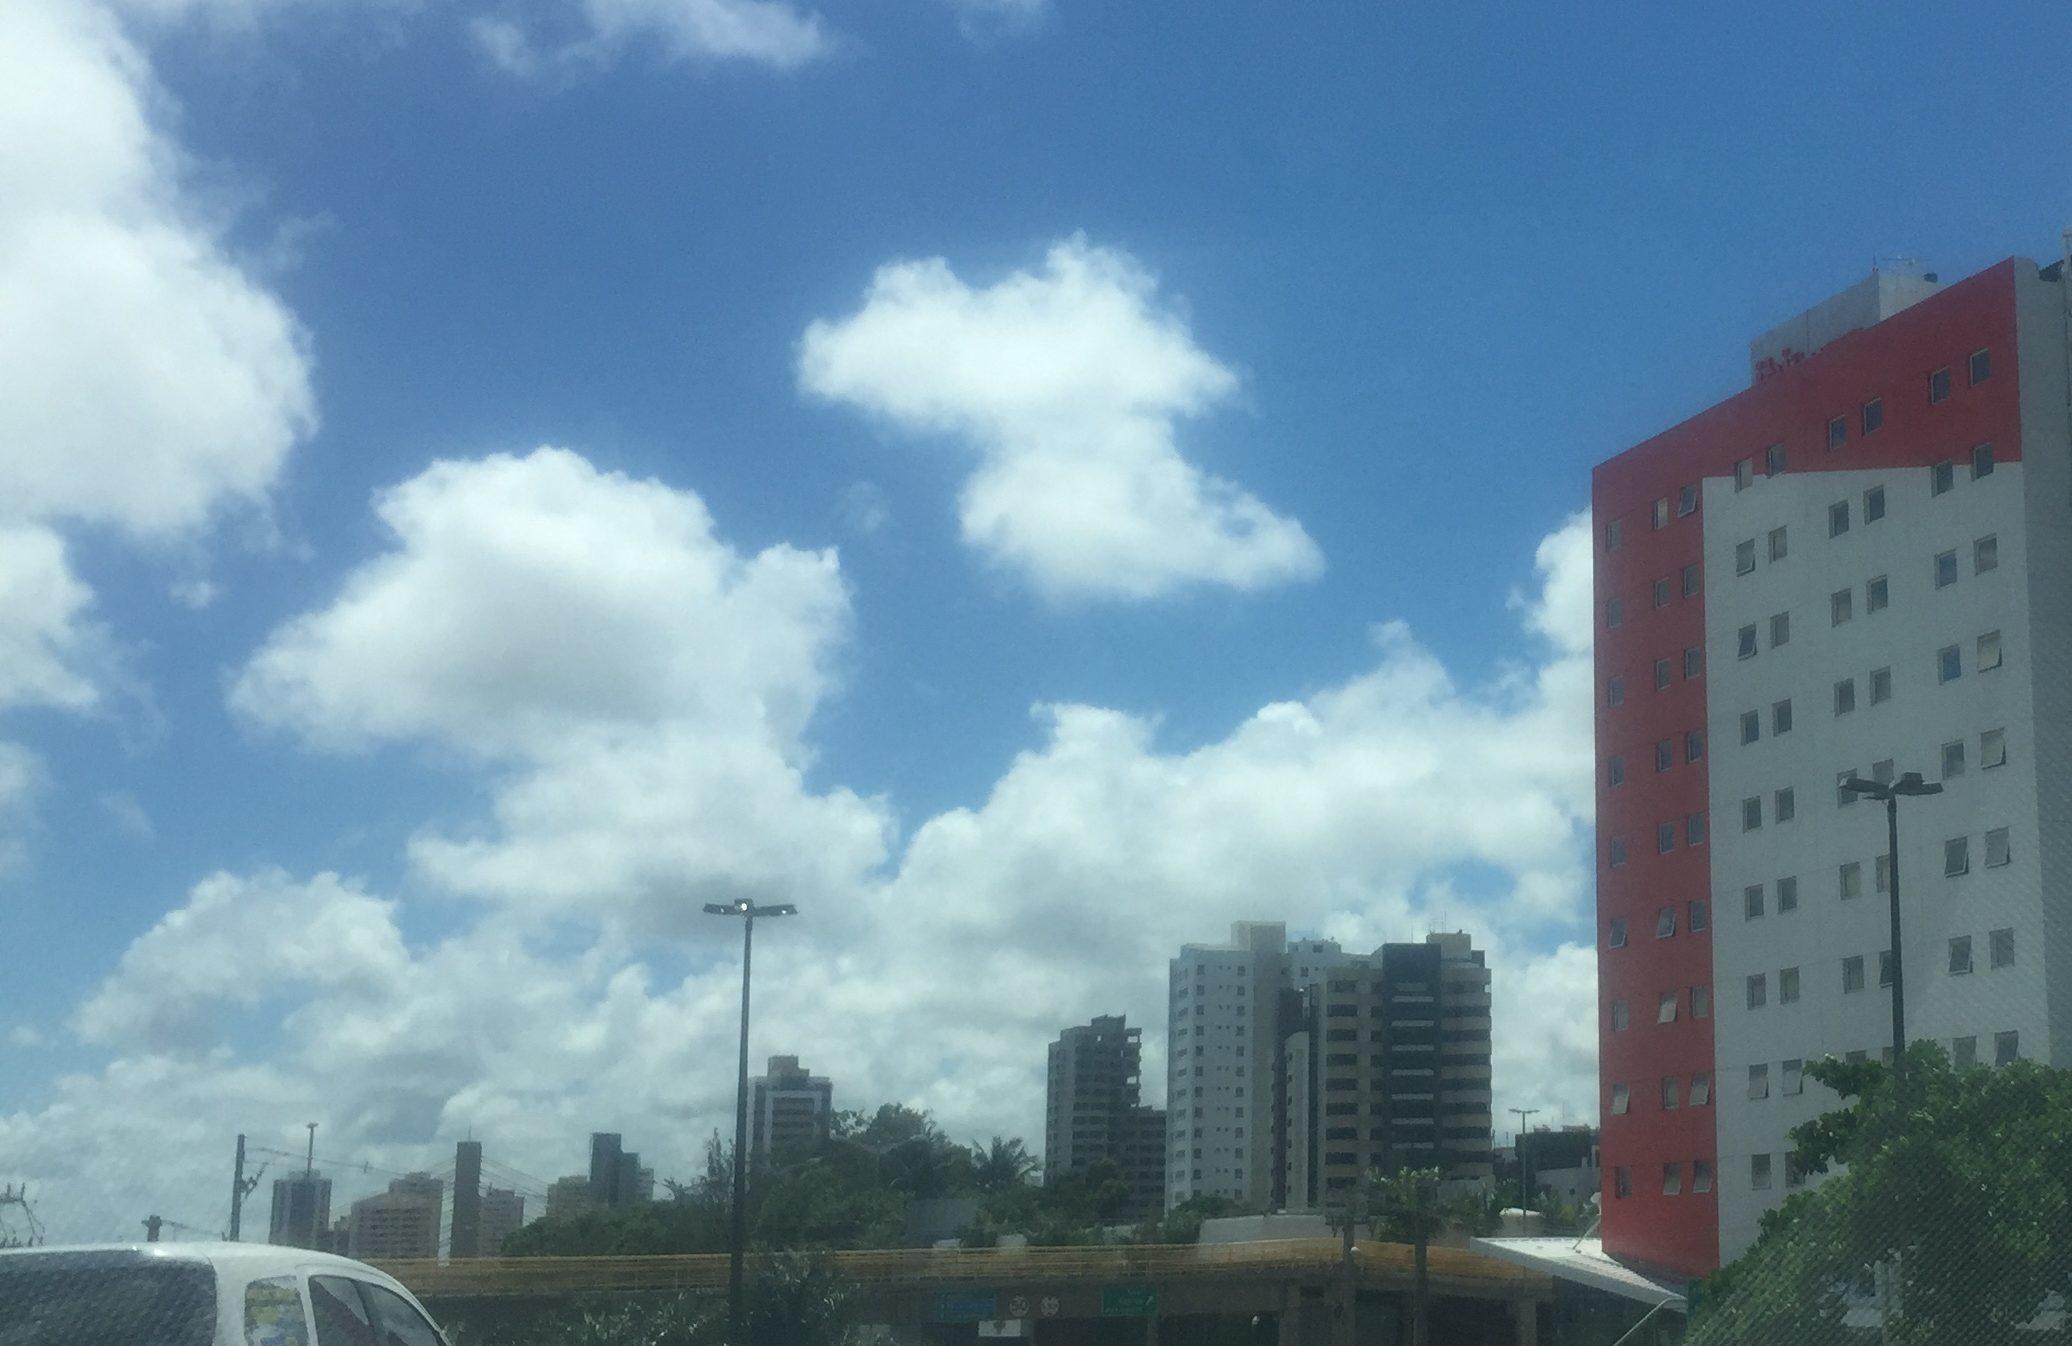 Este prédio parece uma caixa de Marlboro gigante